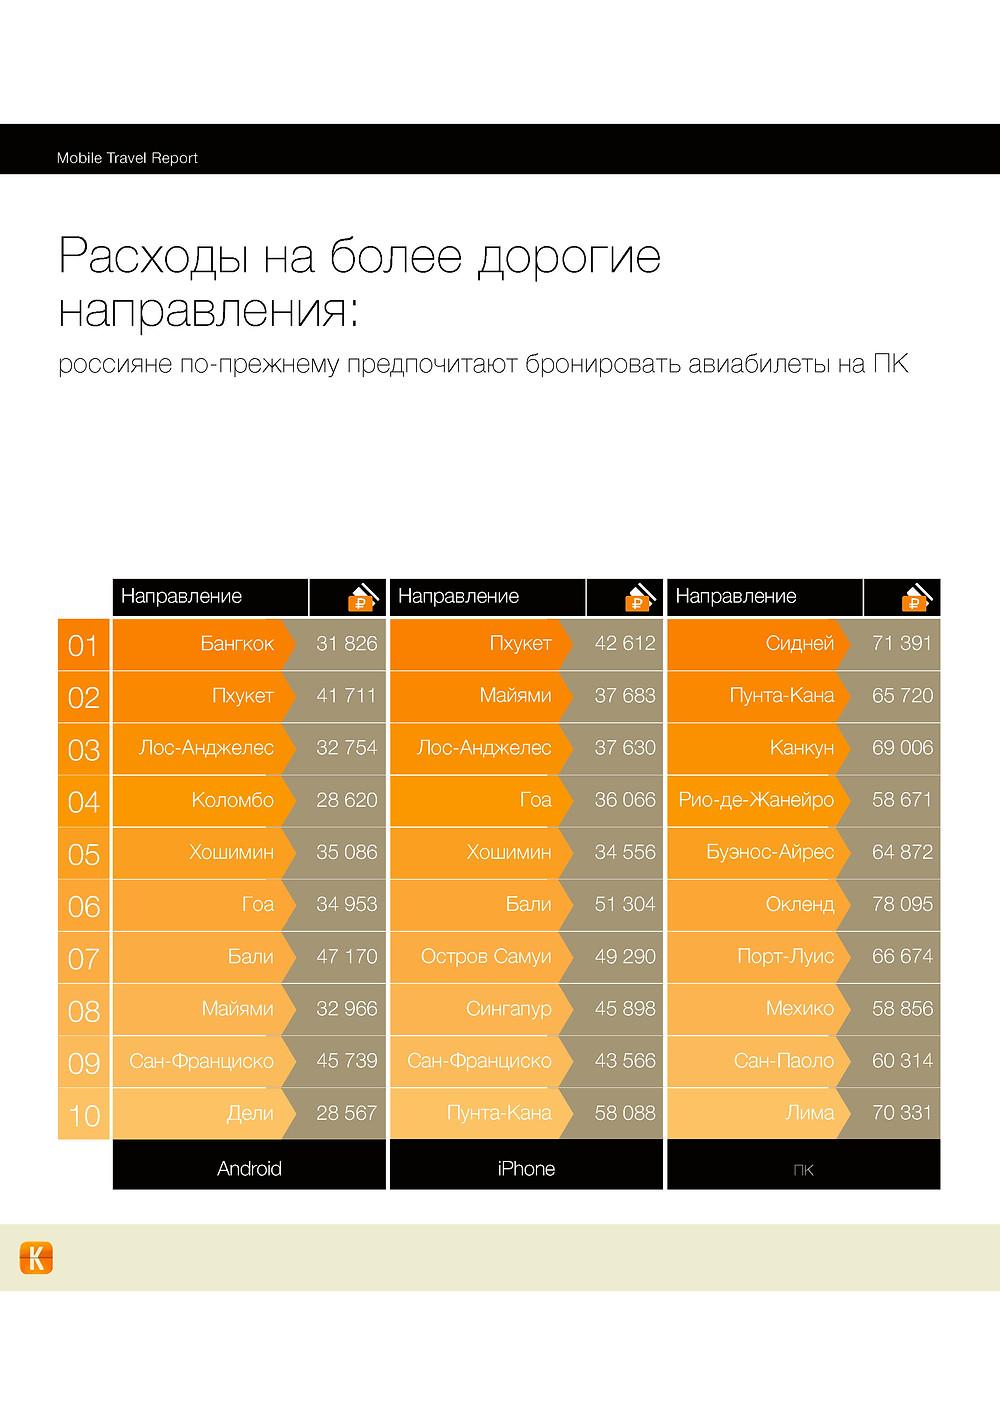 MobileTravelReport_Инфографика-12.jpg